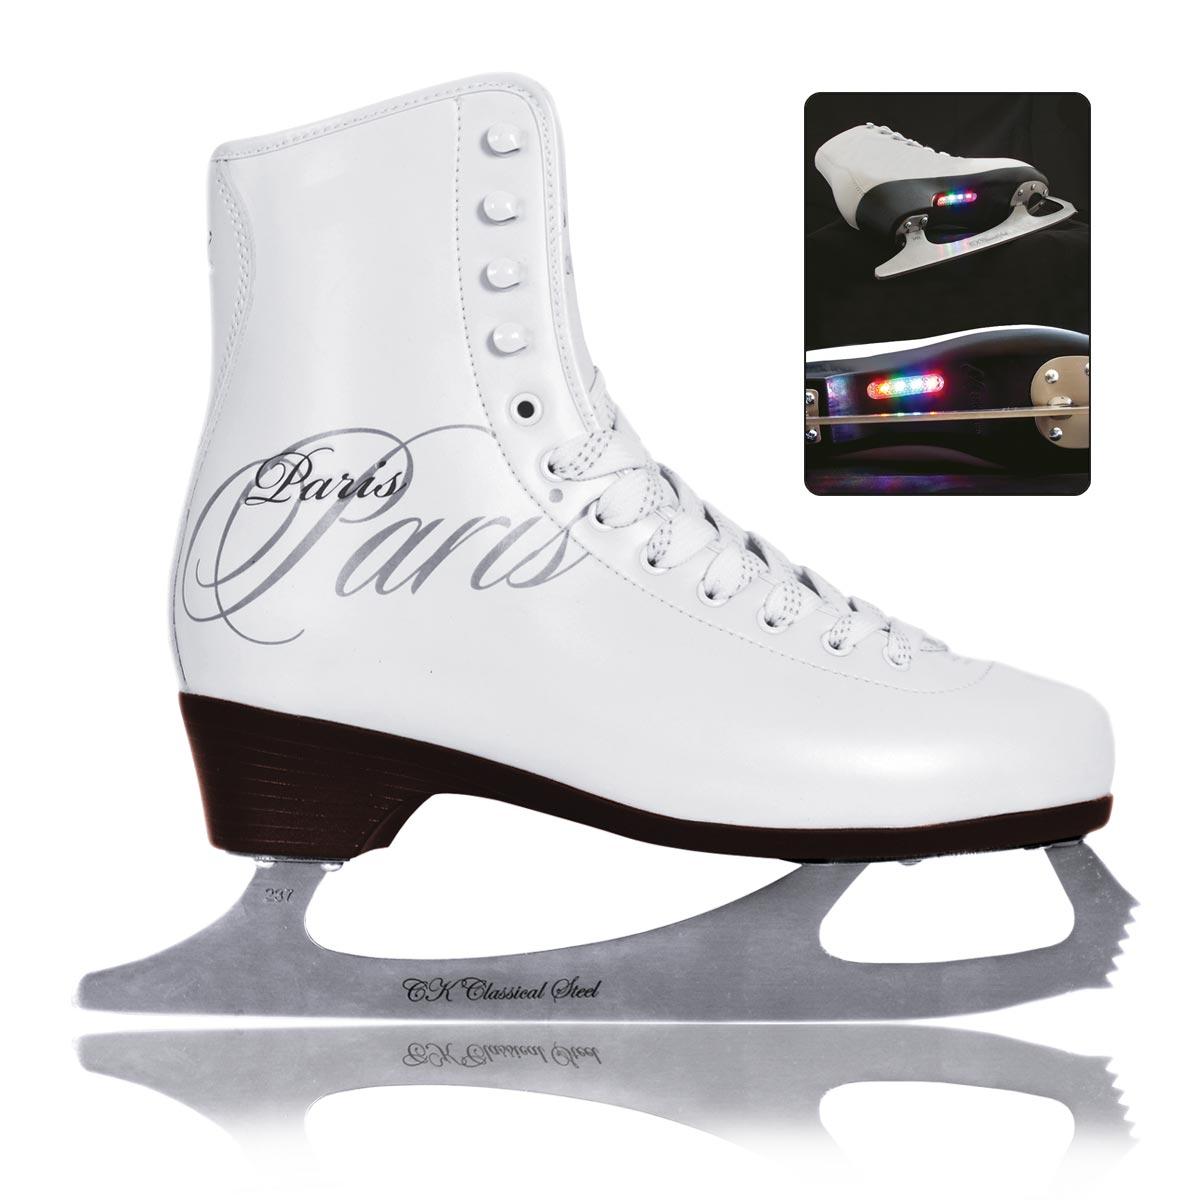 СК Коньки фигурные для девочки CK Paris Lux Tricot, цвет: белый. Размер 31 PARIS LUX tricot_белый_31